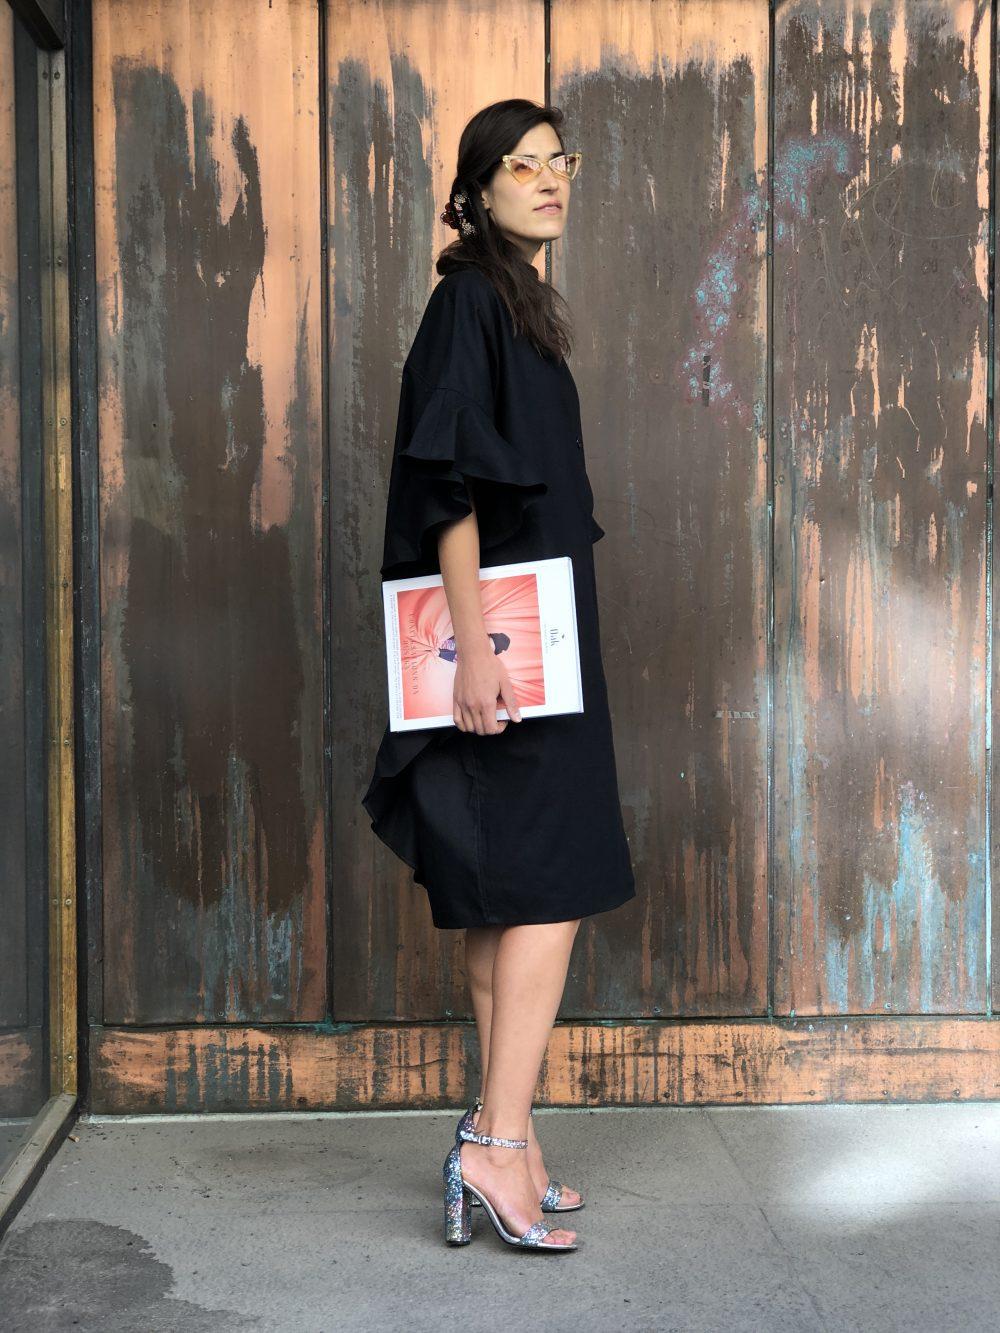 Vimma ENNAKKOMYYNTI Ruffle dress IRINA one-colored black Onesize - black, ENNAKKOMYYNTI Ruffle dress, IRINA, one-colored, Onesize